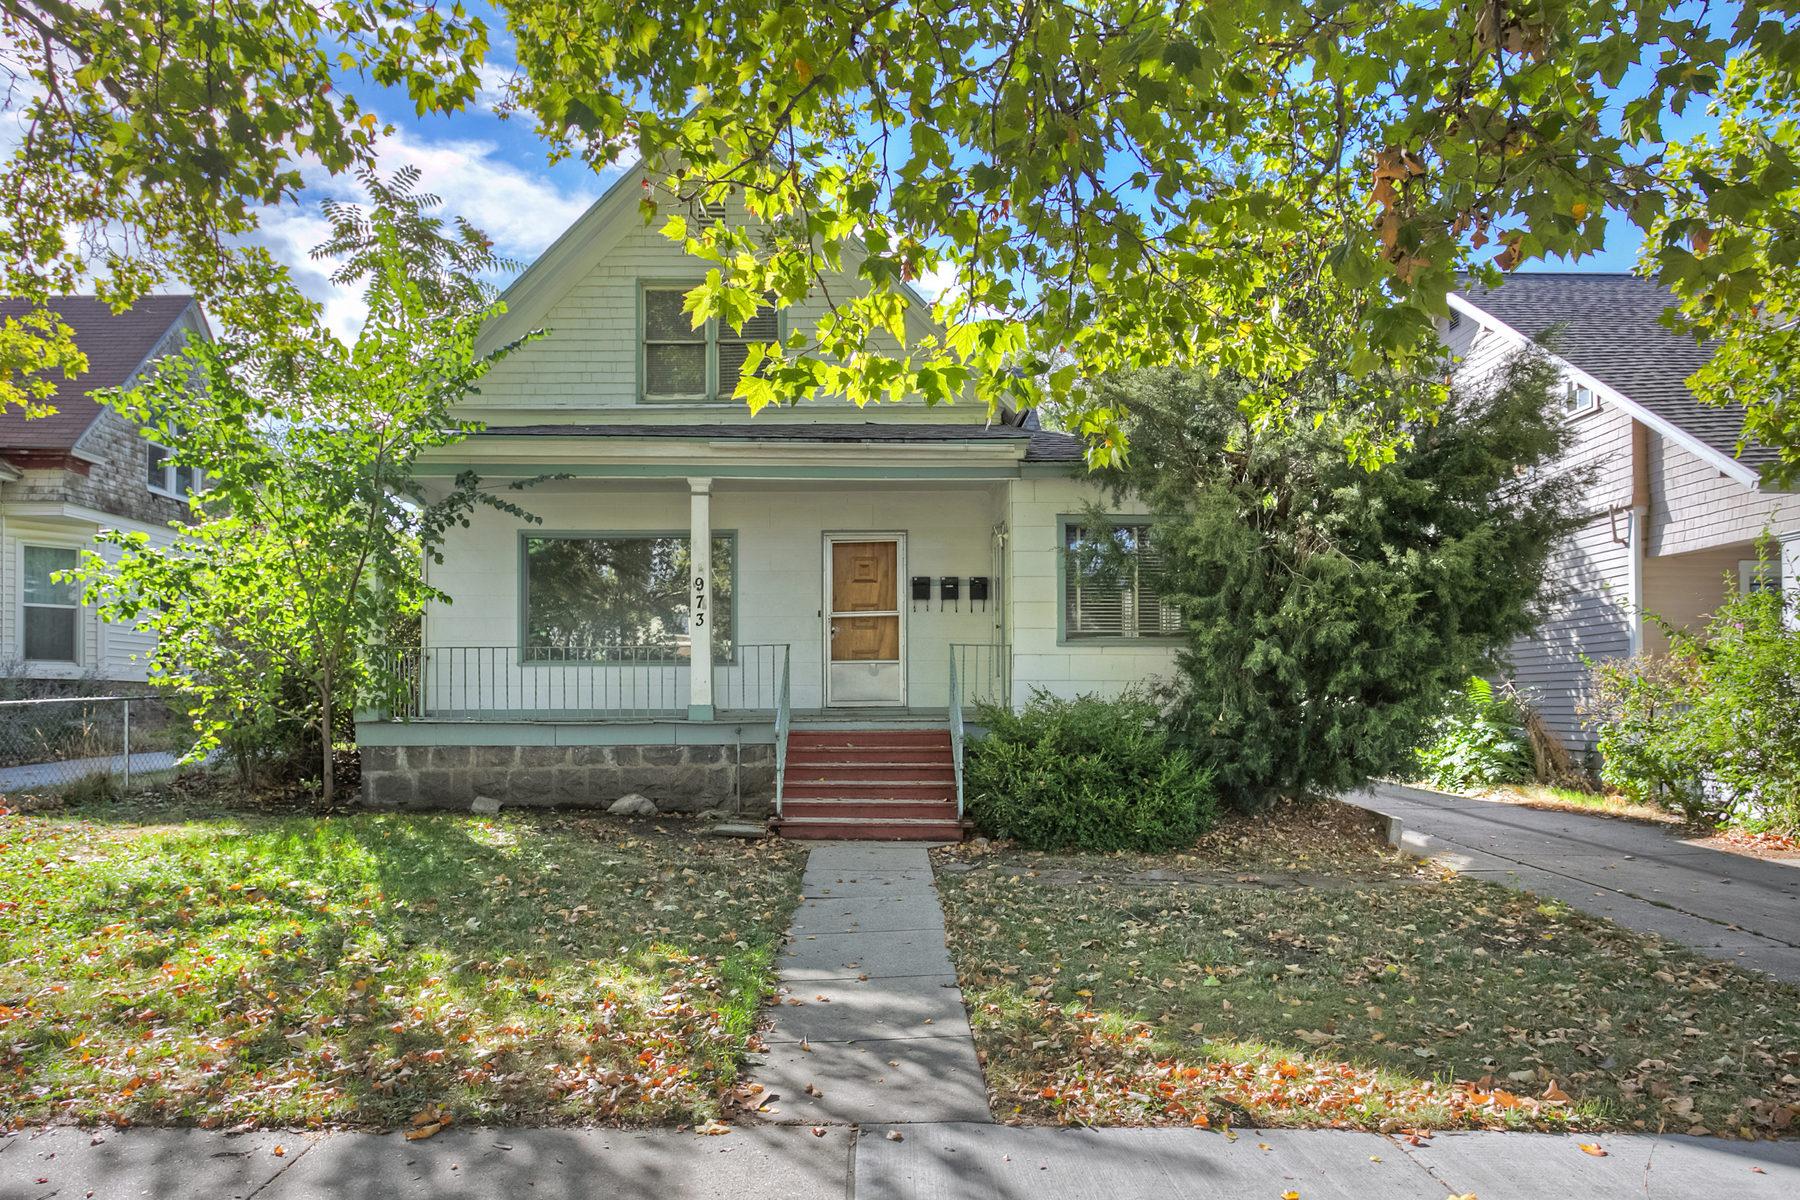 Nhà ở nhiều gia đình vì Bán tại Nice Investment Property 973 24th Street Ogden, Utah 84401 Hoa Kỳ